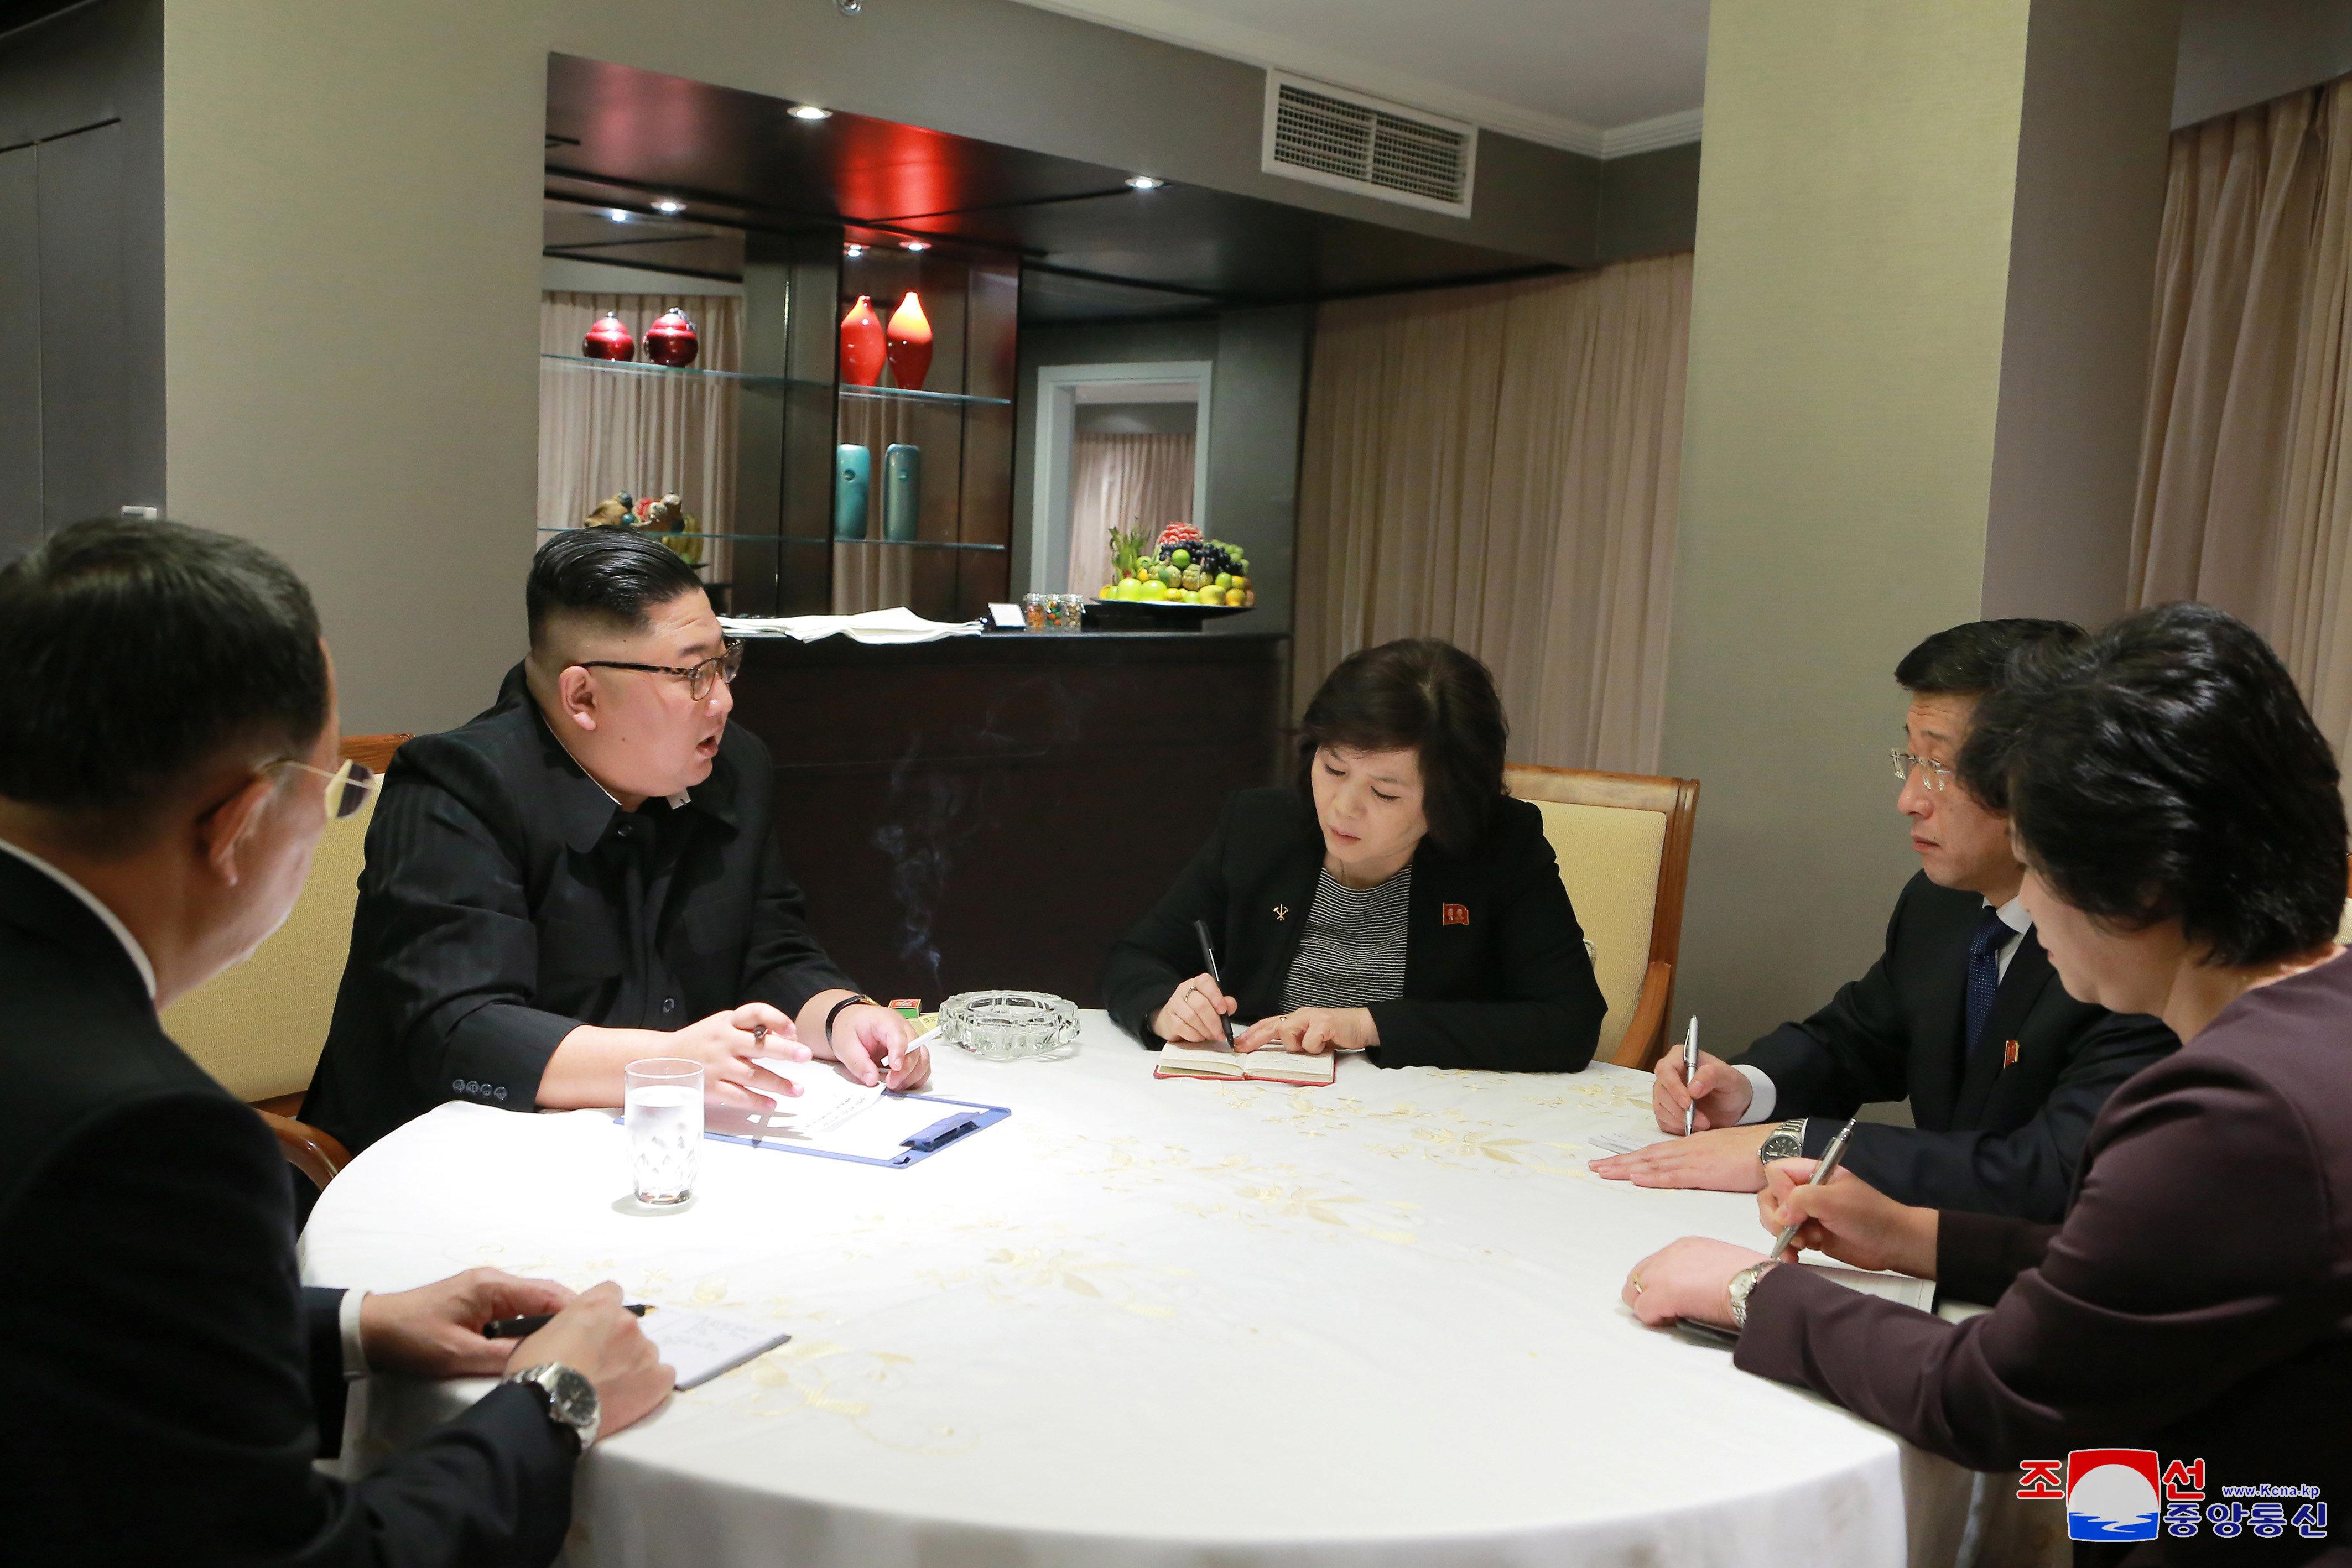 북한 매체가 김정은의 하노이 도착상황을 신속하게